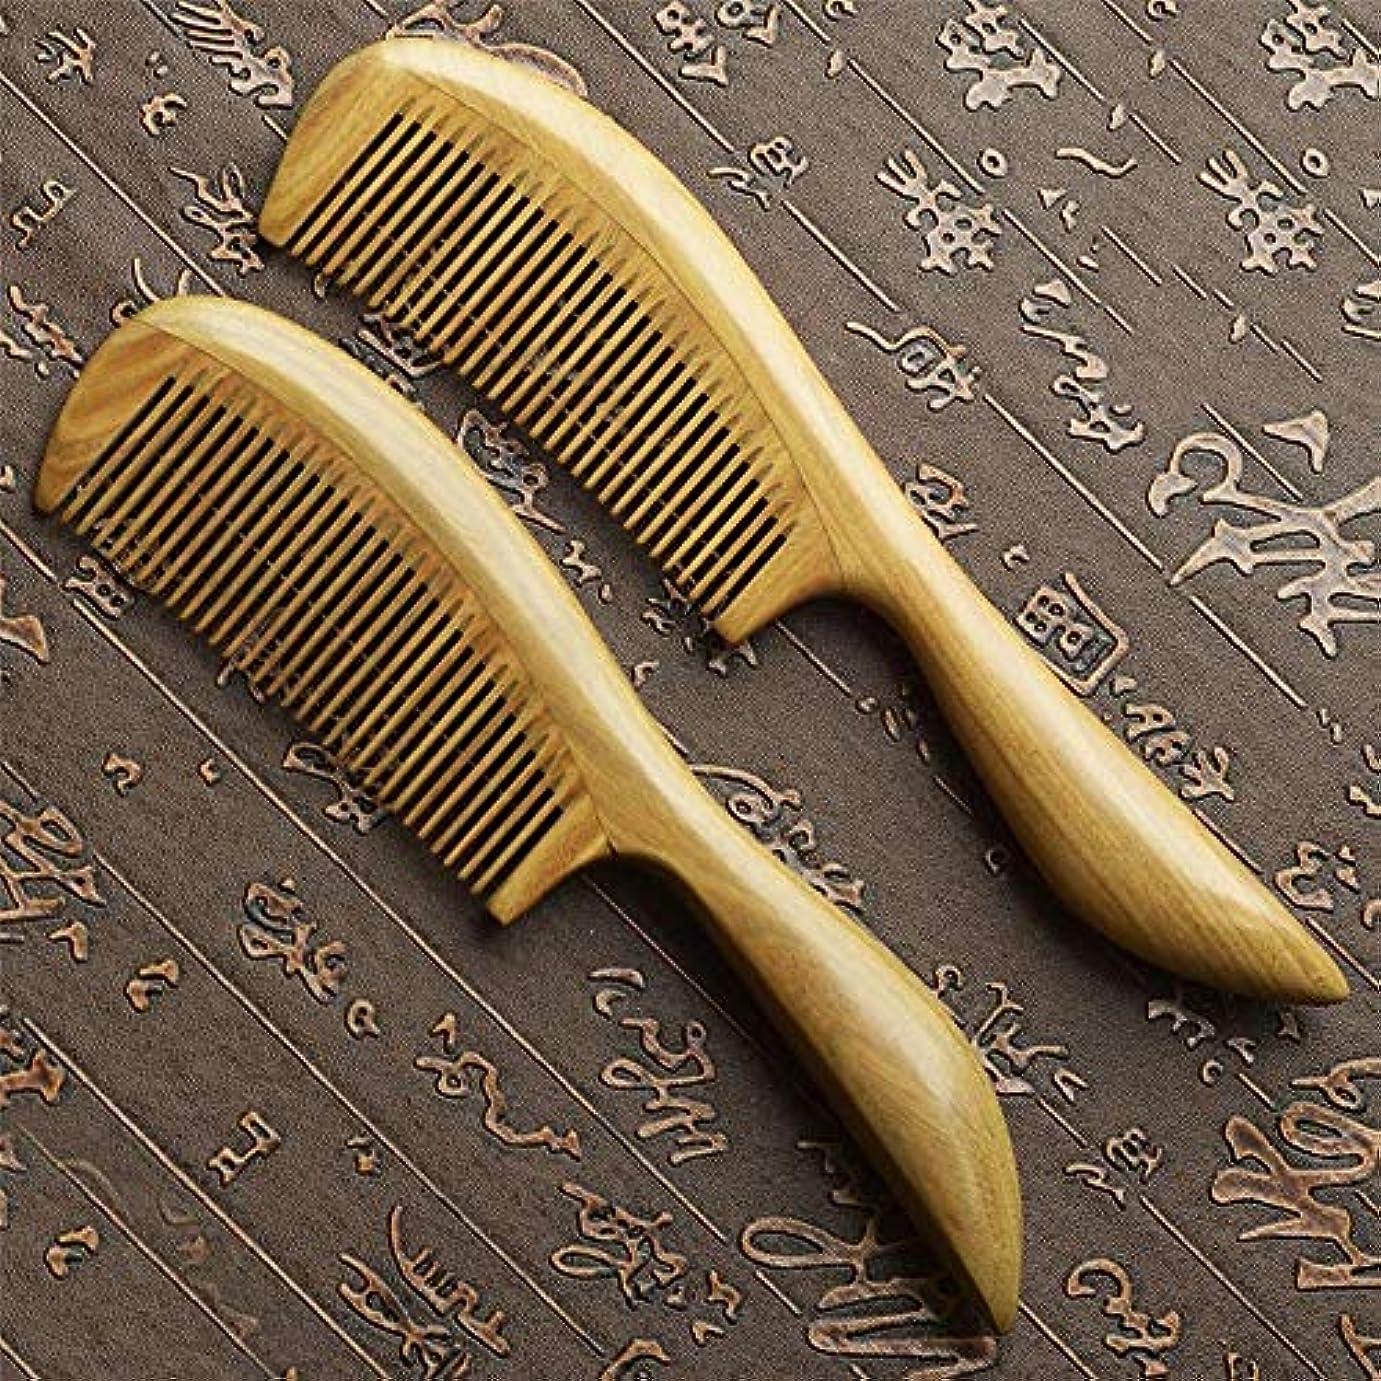 トレッド推測するゴージャスWASAIO ヘアブラシナチュラル木製くし髪-ウェットまたはドライカーリー、太い、波状、またはストレートの髪のもつれをほどき、スタイリングするための帯電防止木材